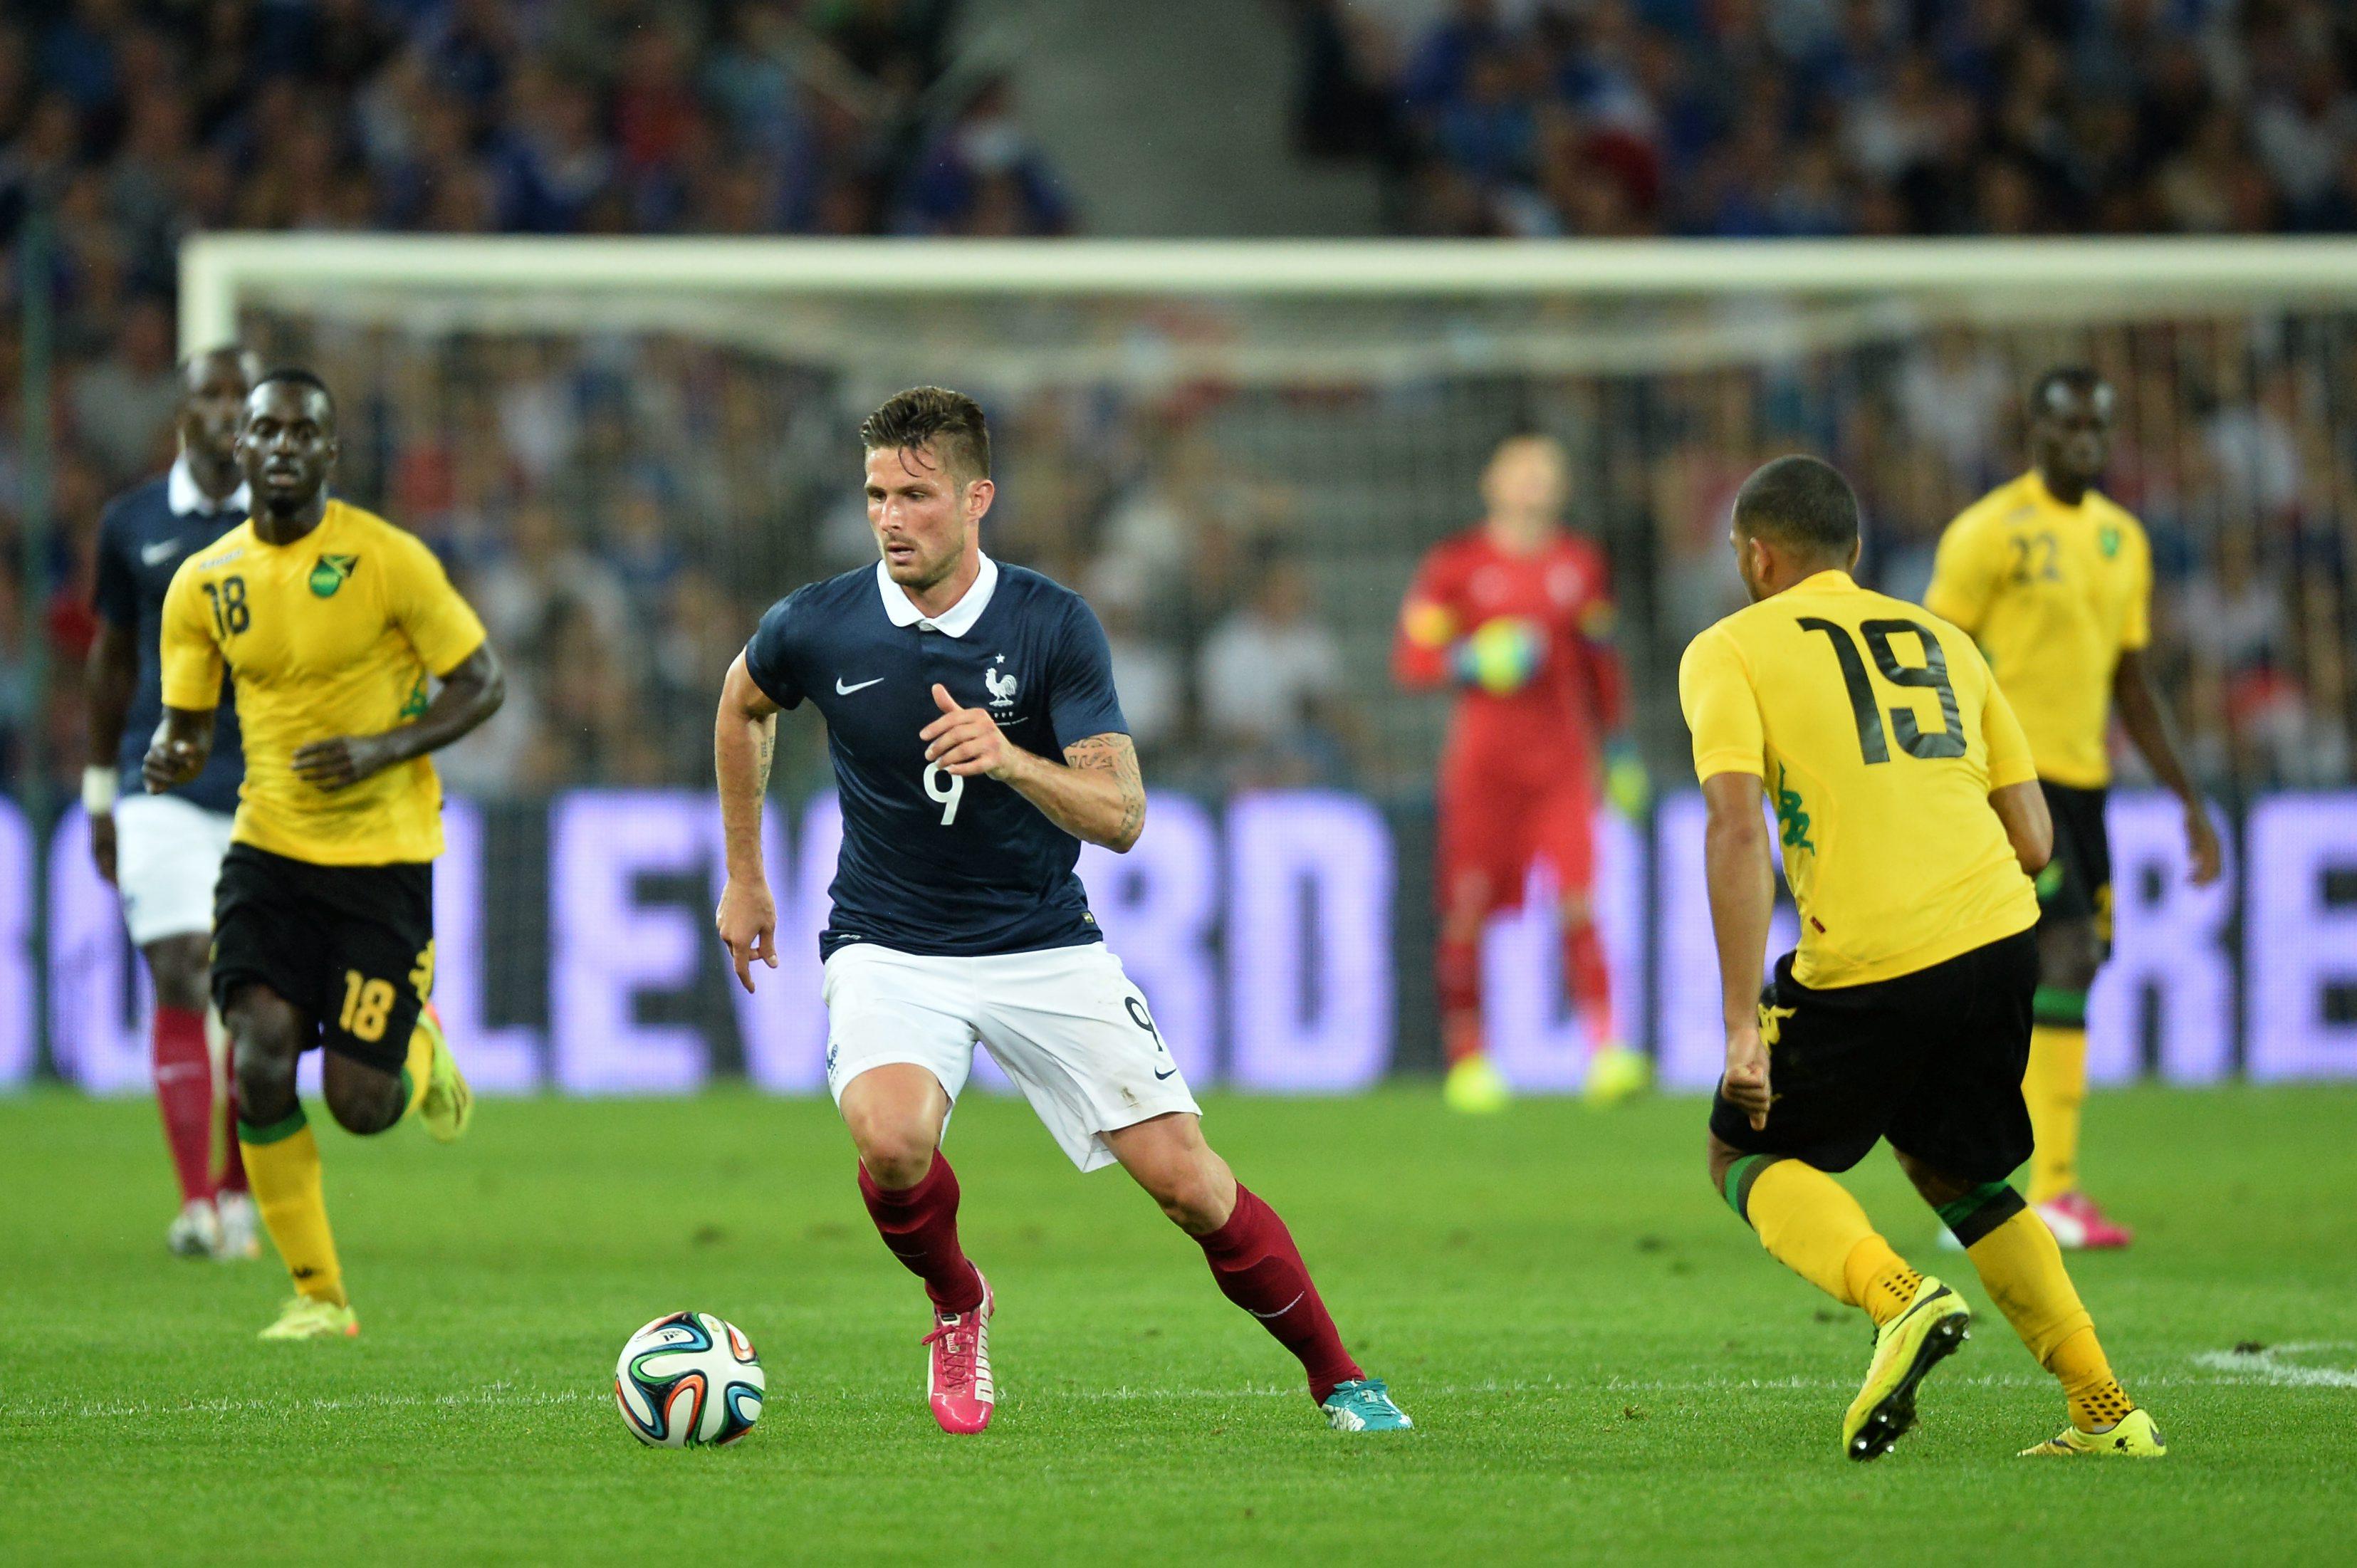 France jama que les buts equipe de france 2014 br sil coupe du monde football - Jeux de football coupe du monde 2014 ...